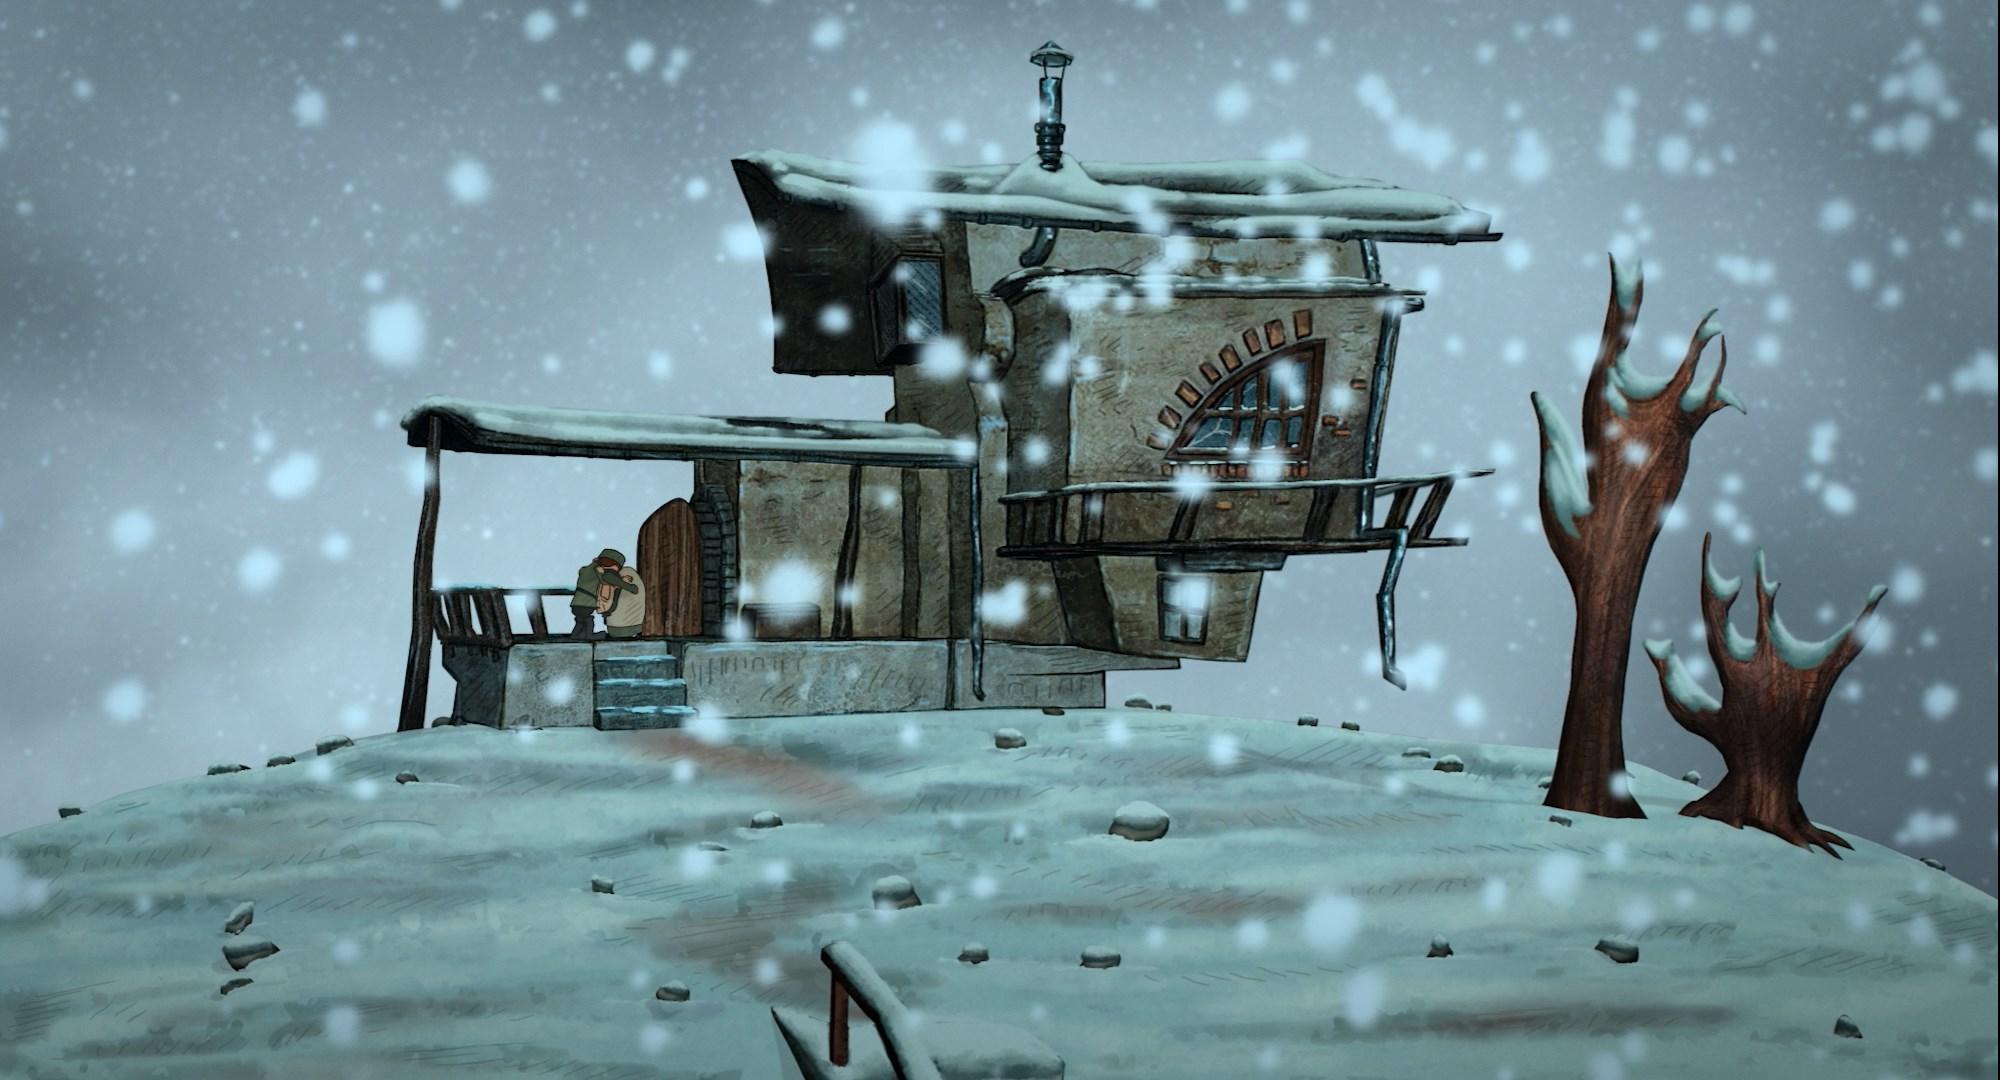 انیمیشن چشم انداز خالی در جشنواره استراسبورگ آمریکا